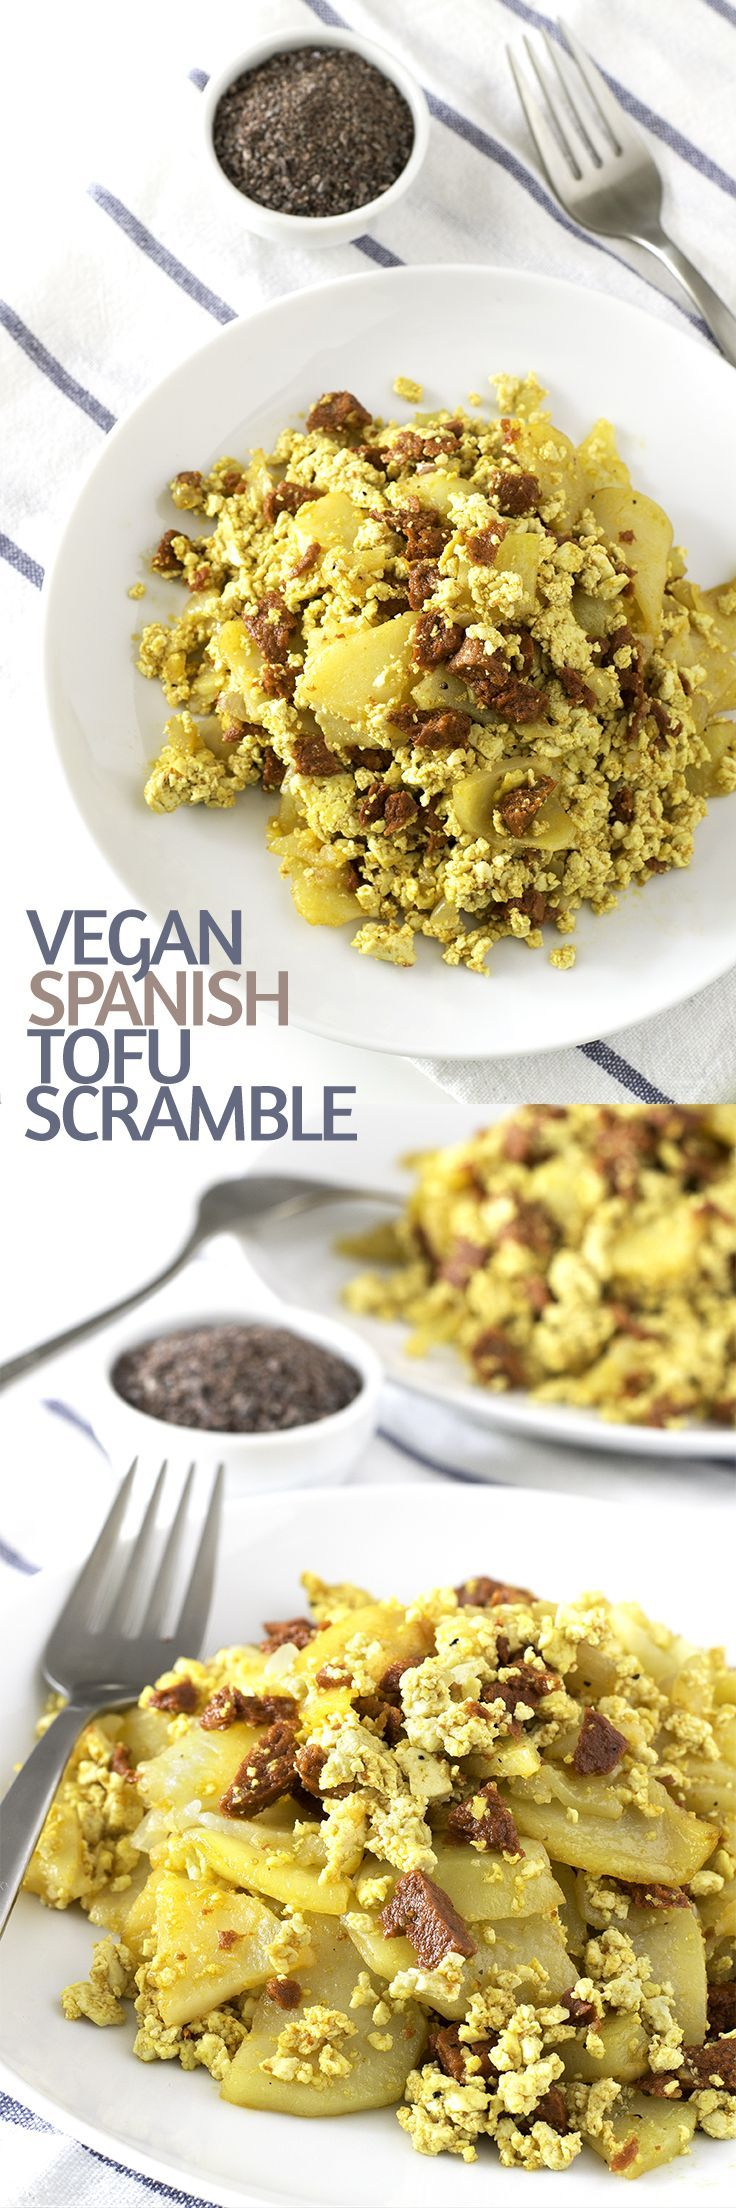 Vegan Spanish Tofu Scramble with Potatoes and Chorizo #vegan